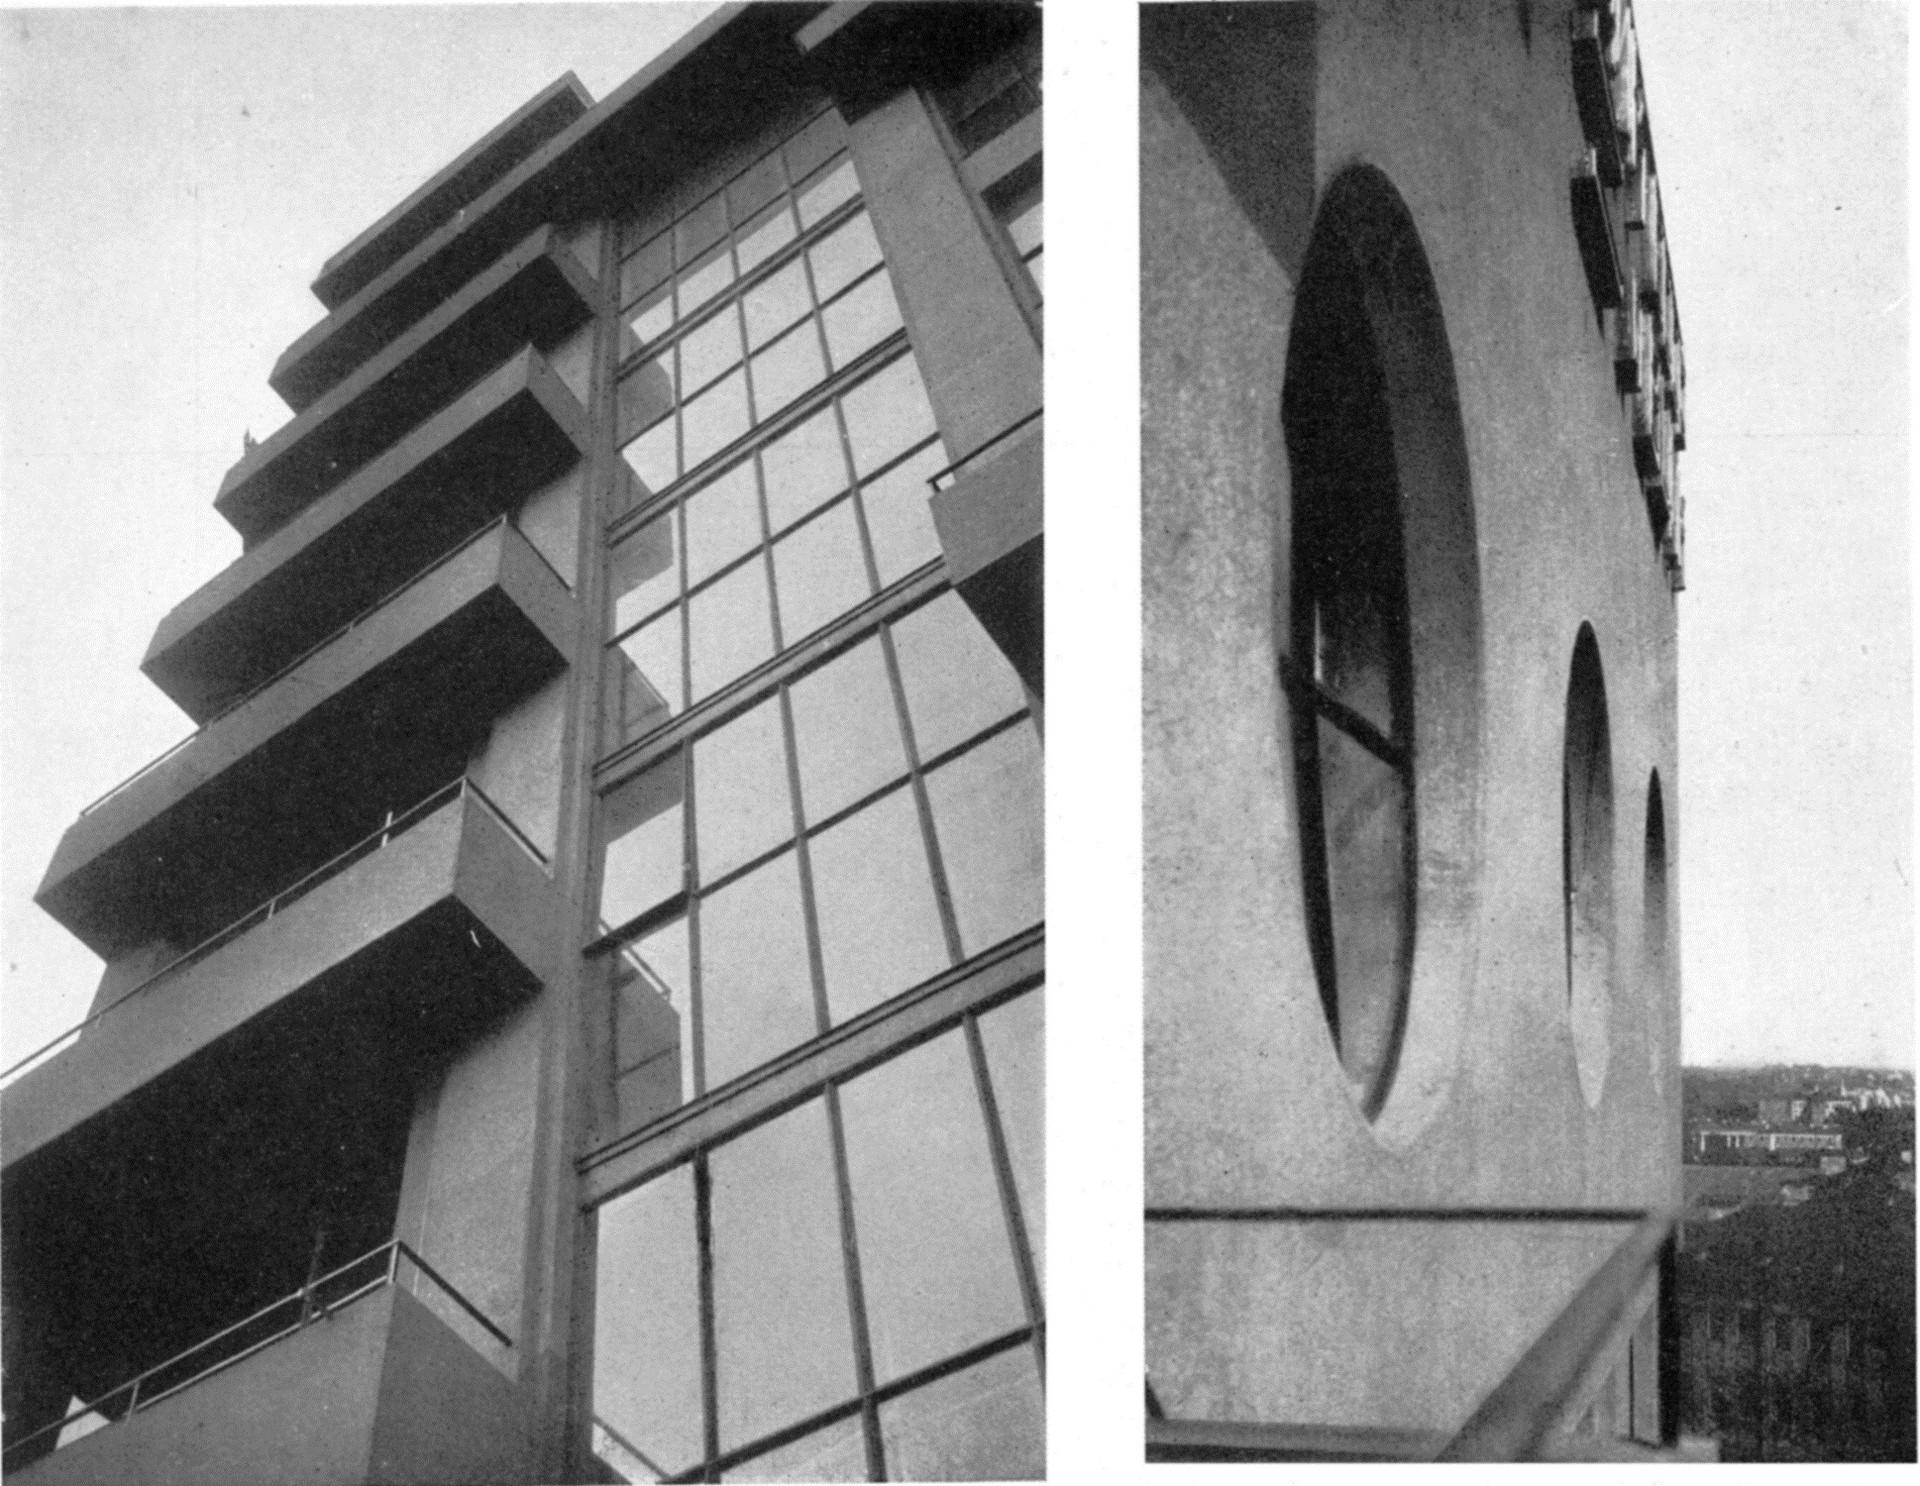 G. Barkhin, detalhes do edifício Izvéstia